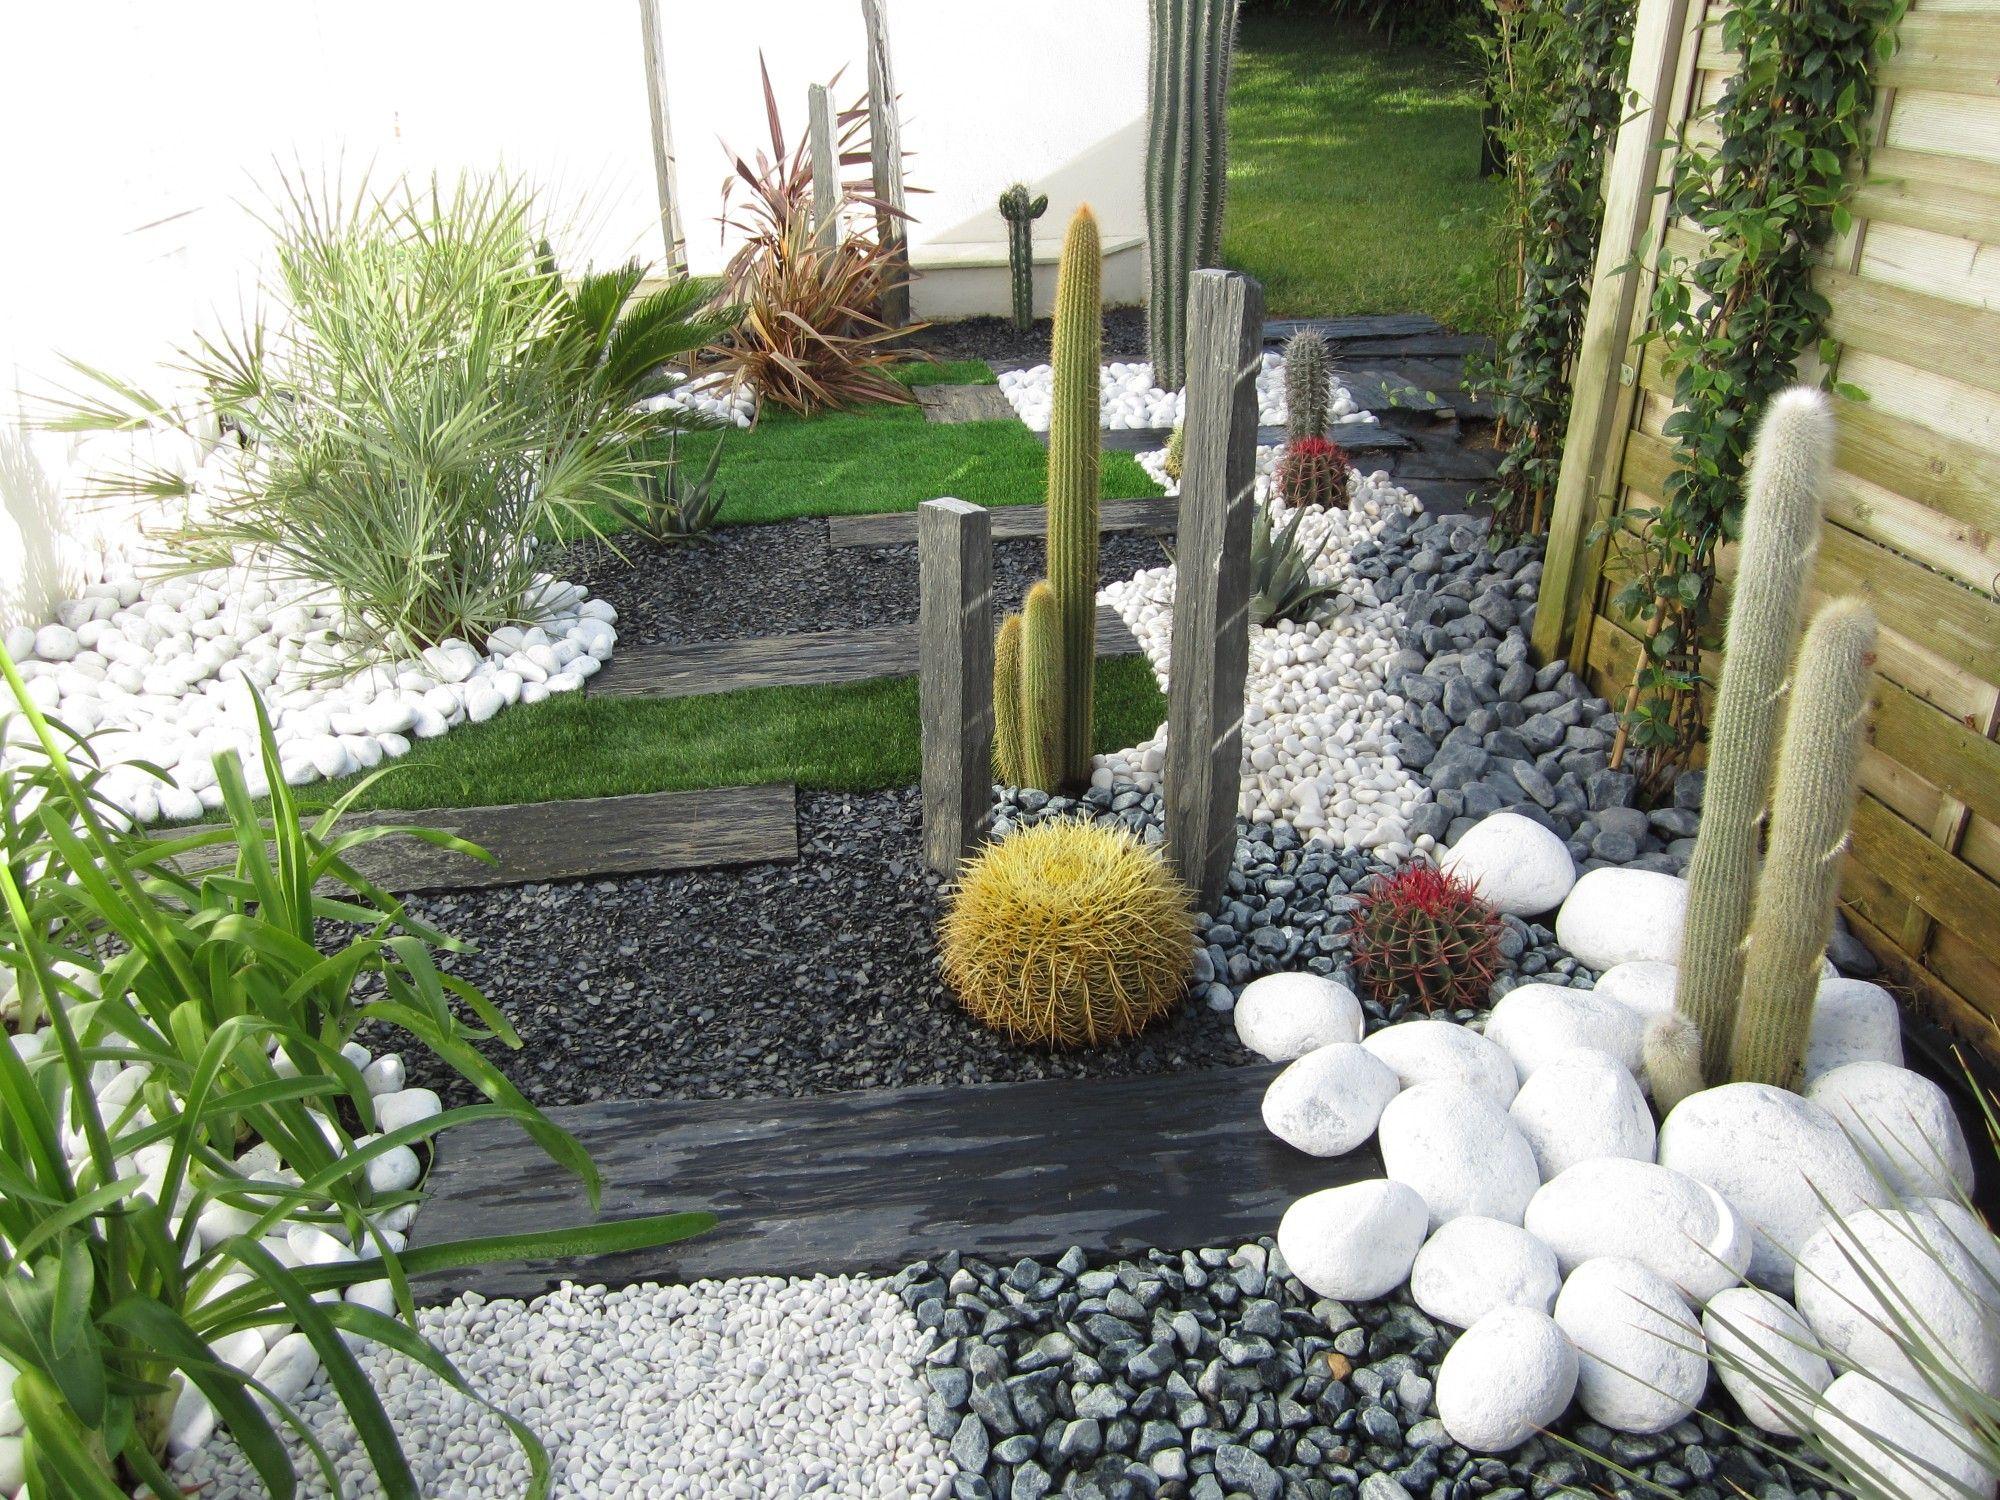 Jardin Sec: Cactus, Galets Polis Blancs, Gazon Synthétique ... intérieur Modeles Jardins Avec Galets